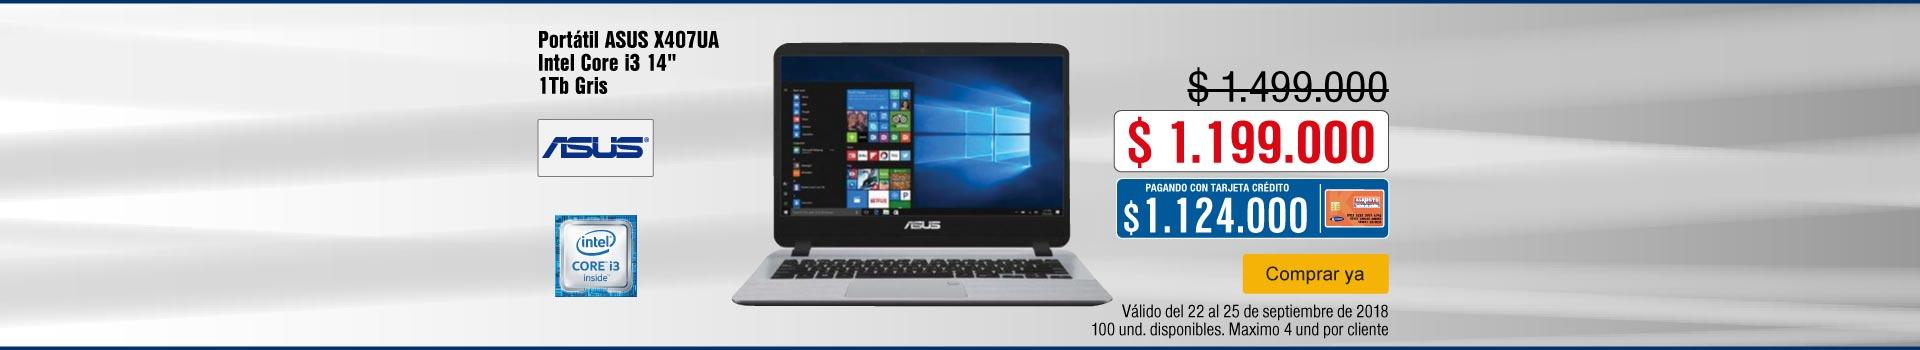 AK-KT-BCAT-1-computadores y tablets-PP---Asus-Portátil X407UA-Sep22